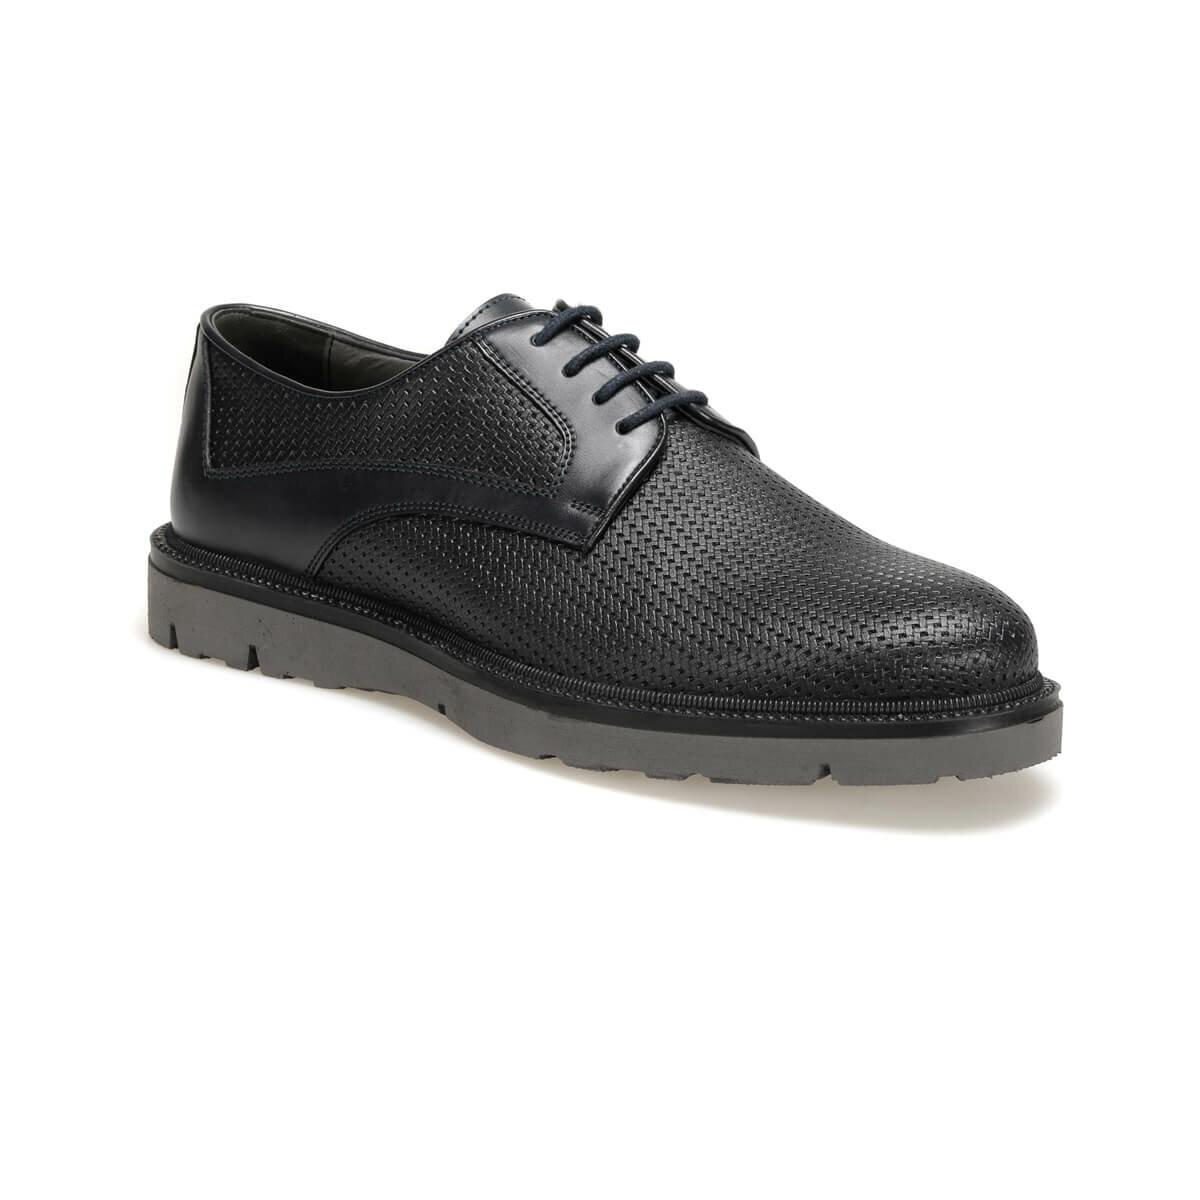 Flo 100 紺男性の古典的な靴 JJ-Stiller